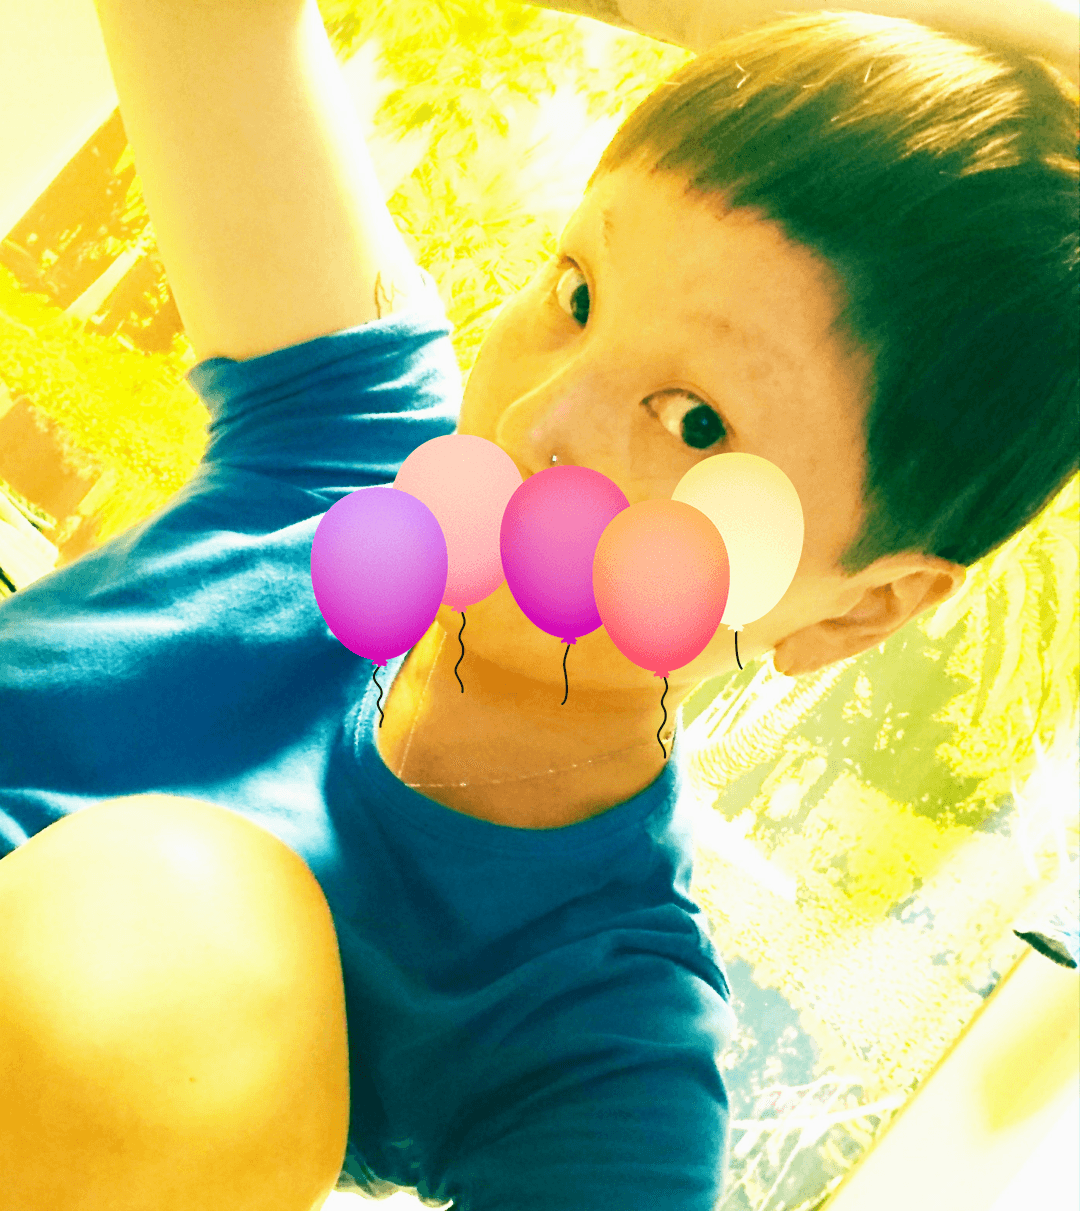 りく「感謝感激です」09/26(水) 04:22 | りくの写メ・風俗動画